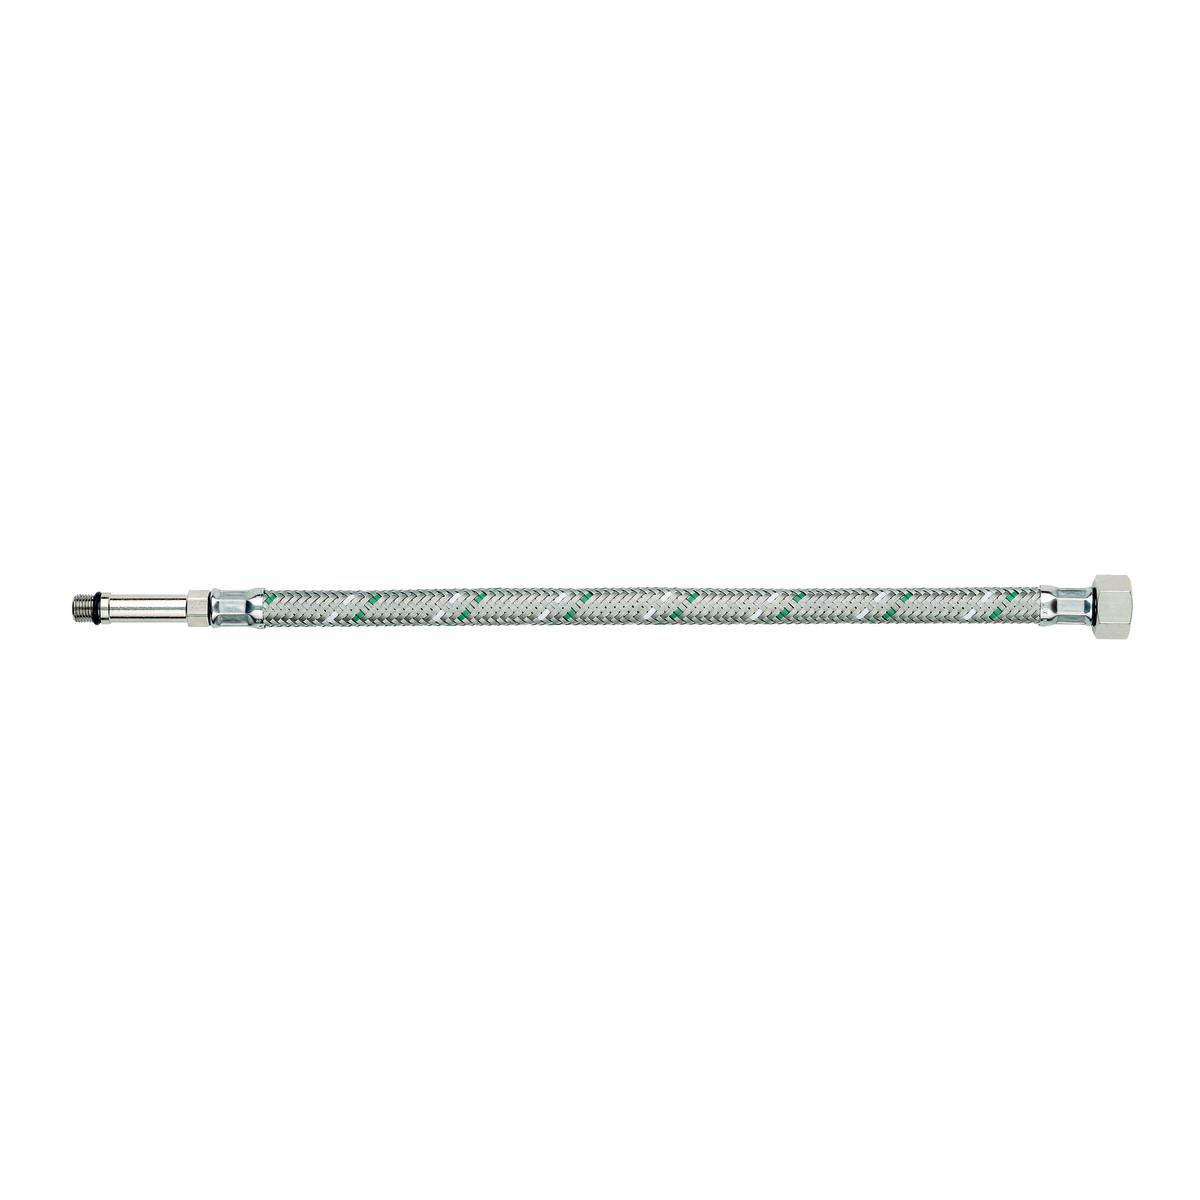 Flessibile m10x1 mm x f1 2 l 35 cm prezzi e offerte online for Flessibile leroy merlin